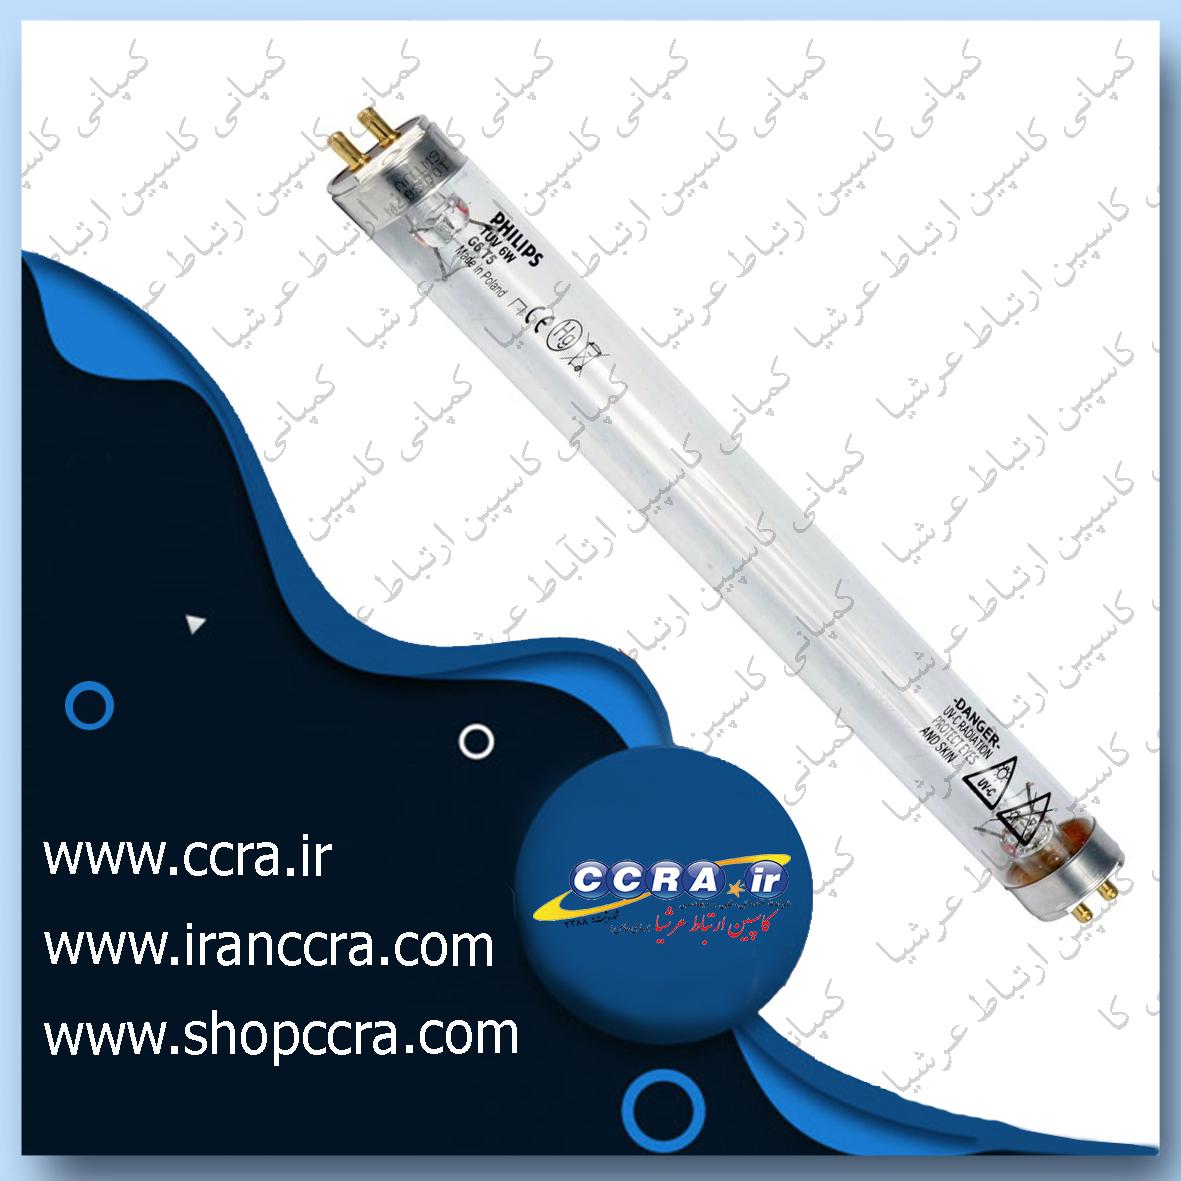 ساختار فیلتر یو وی در دستگاه های تصفیه آب خانگی آکوا لایف